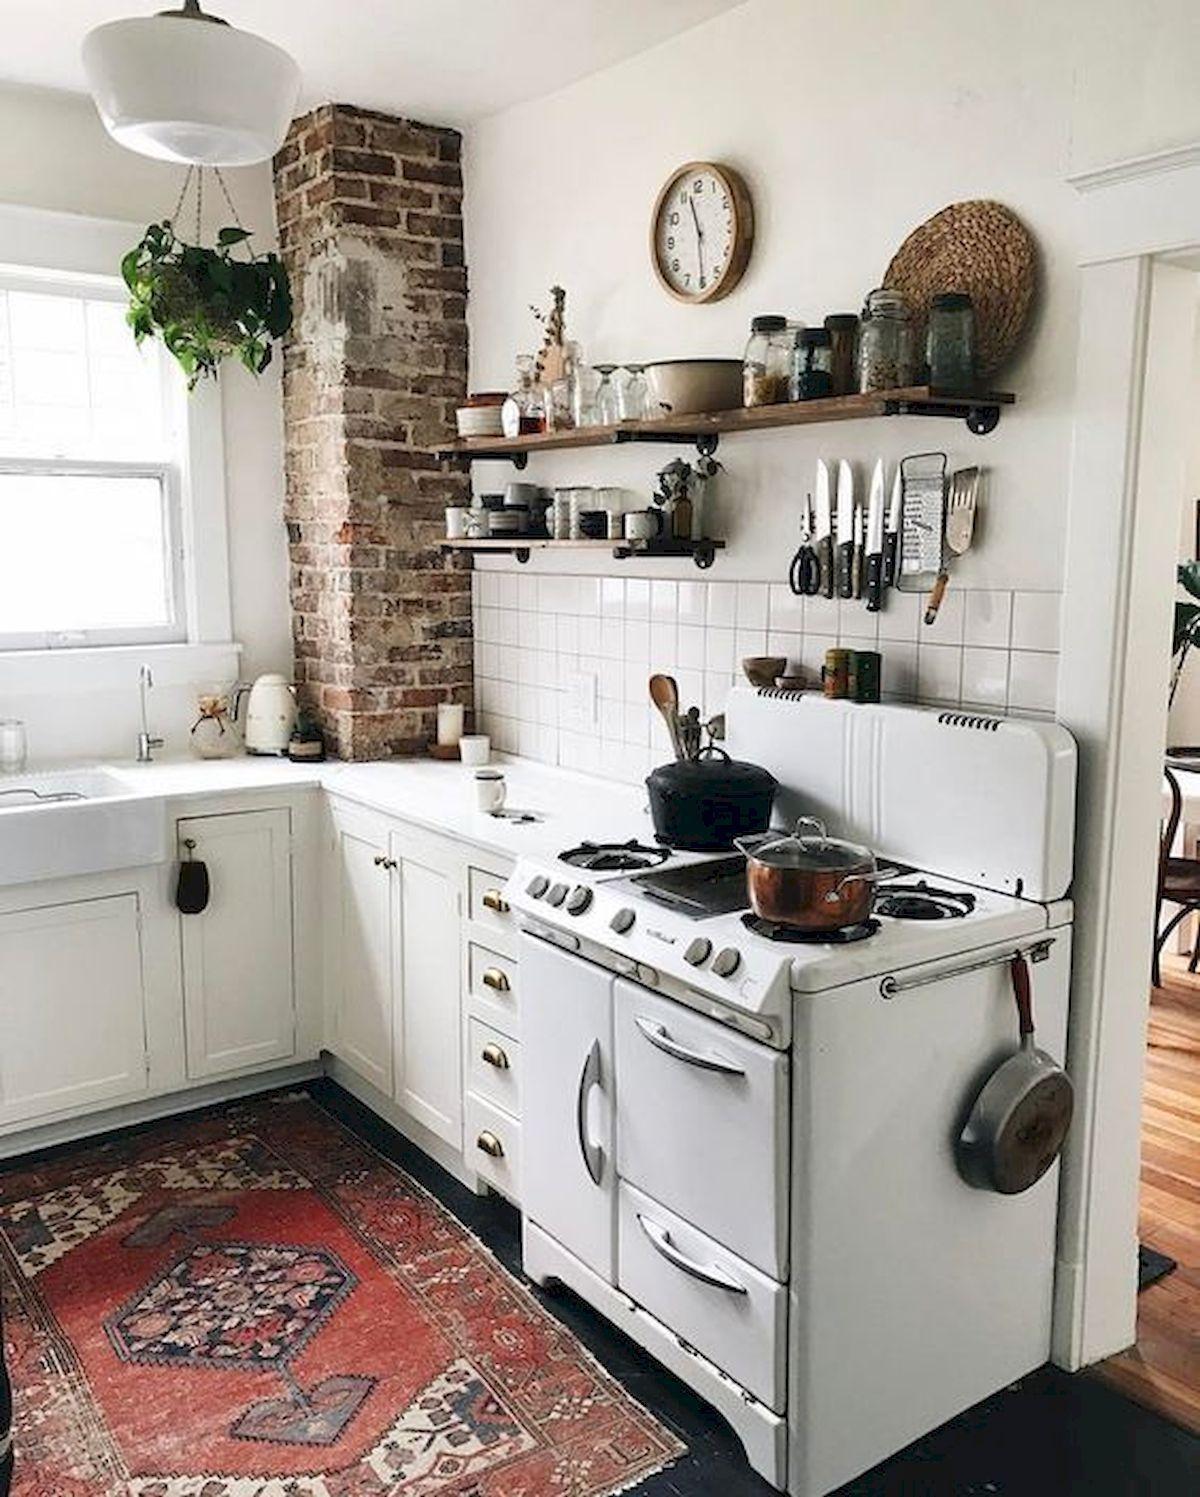 50 Best Small Kitchen Design Ideas And Decor 40 Cottage Kitchen